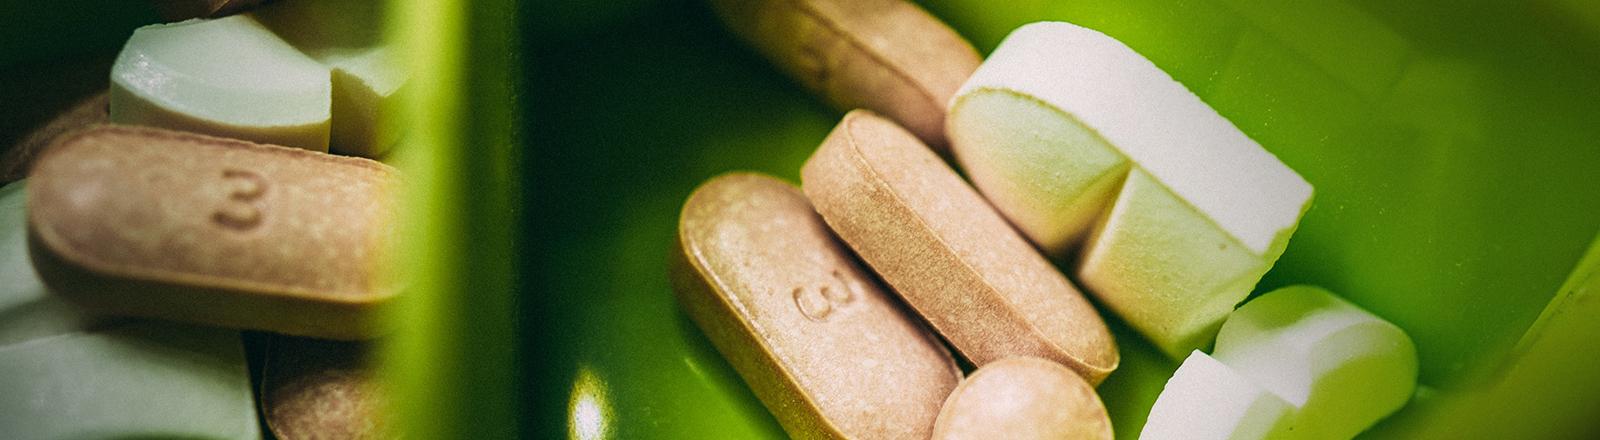 Nahrungsergänzungsmittel in einer Pillendose